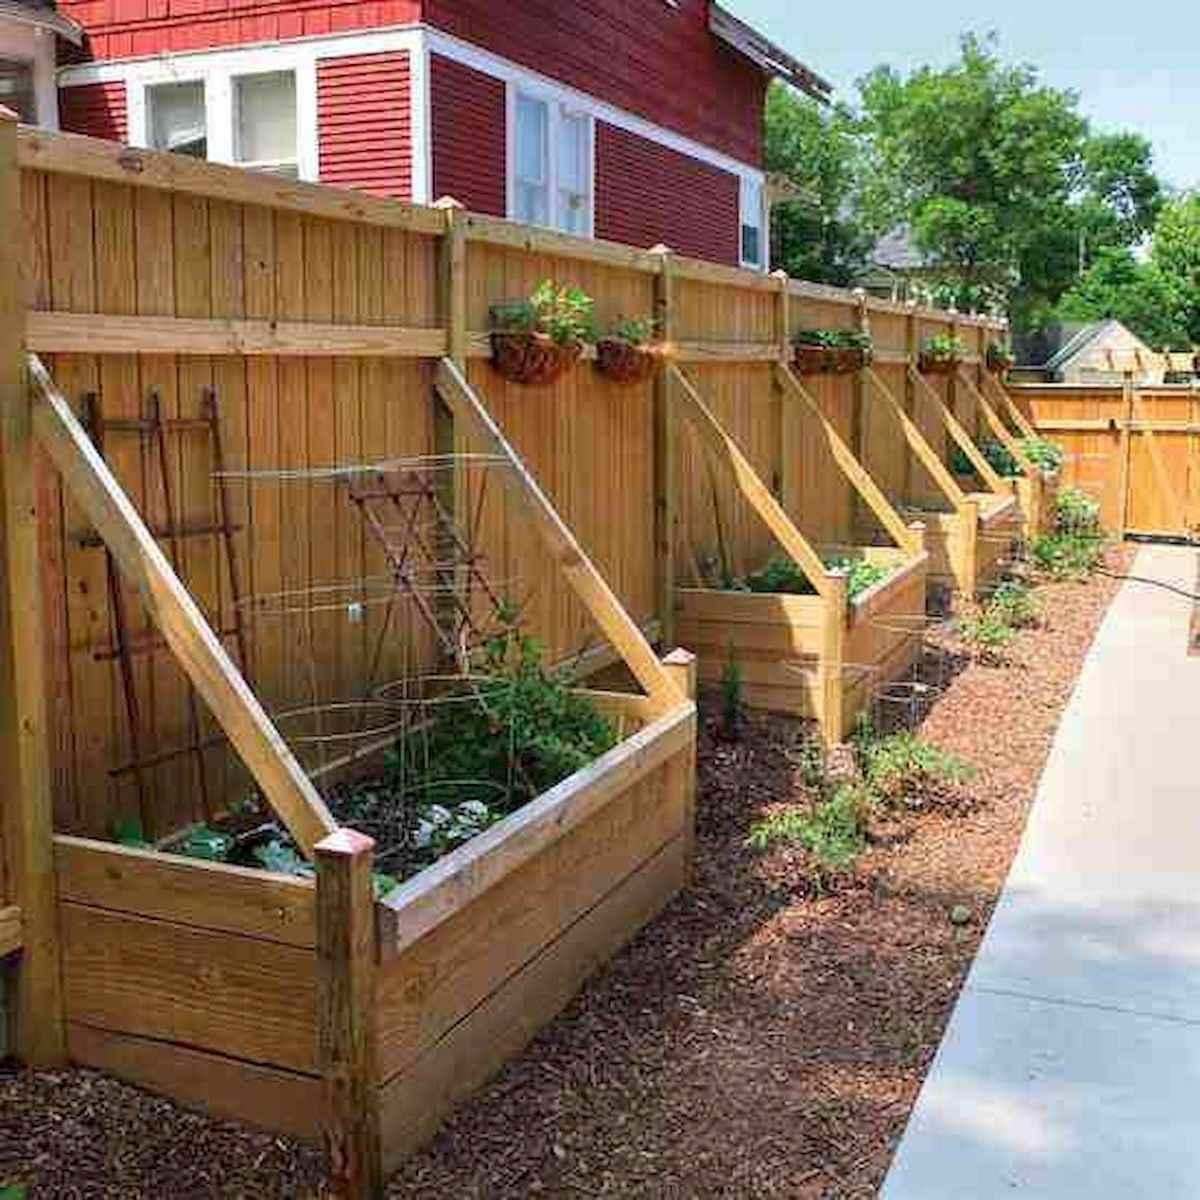 50 Best Garden Beds Design Ideas For Summer (52)